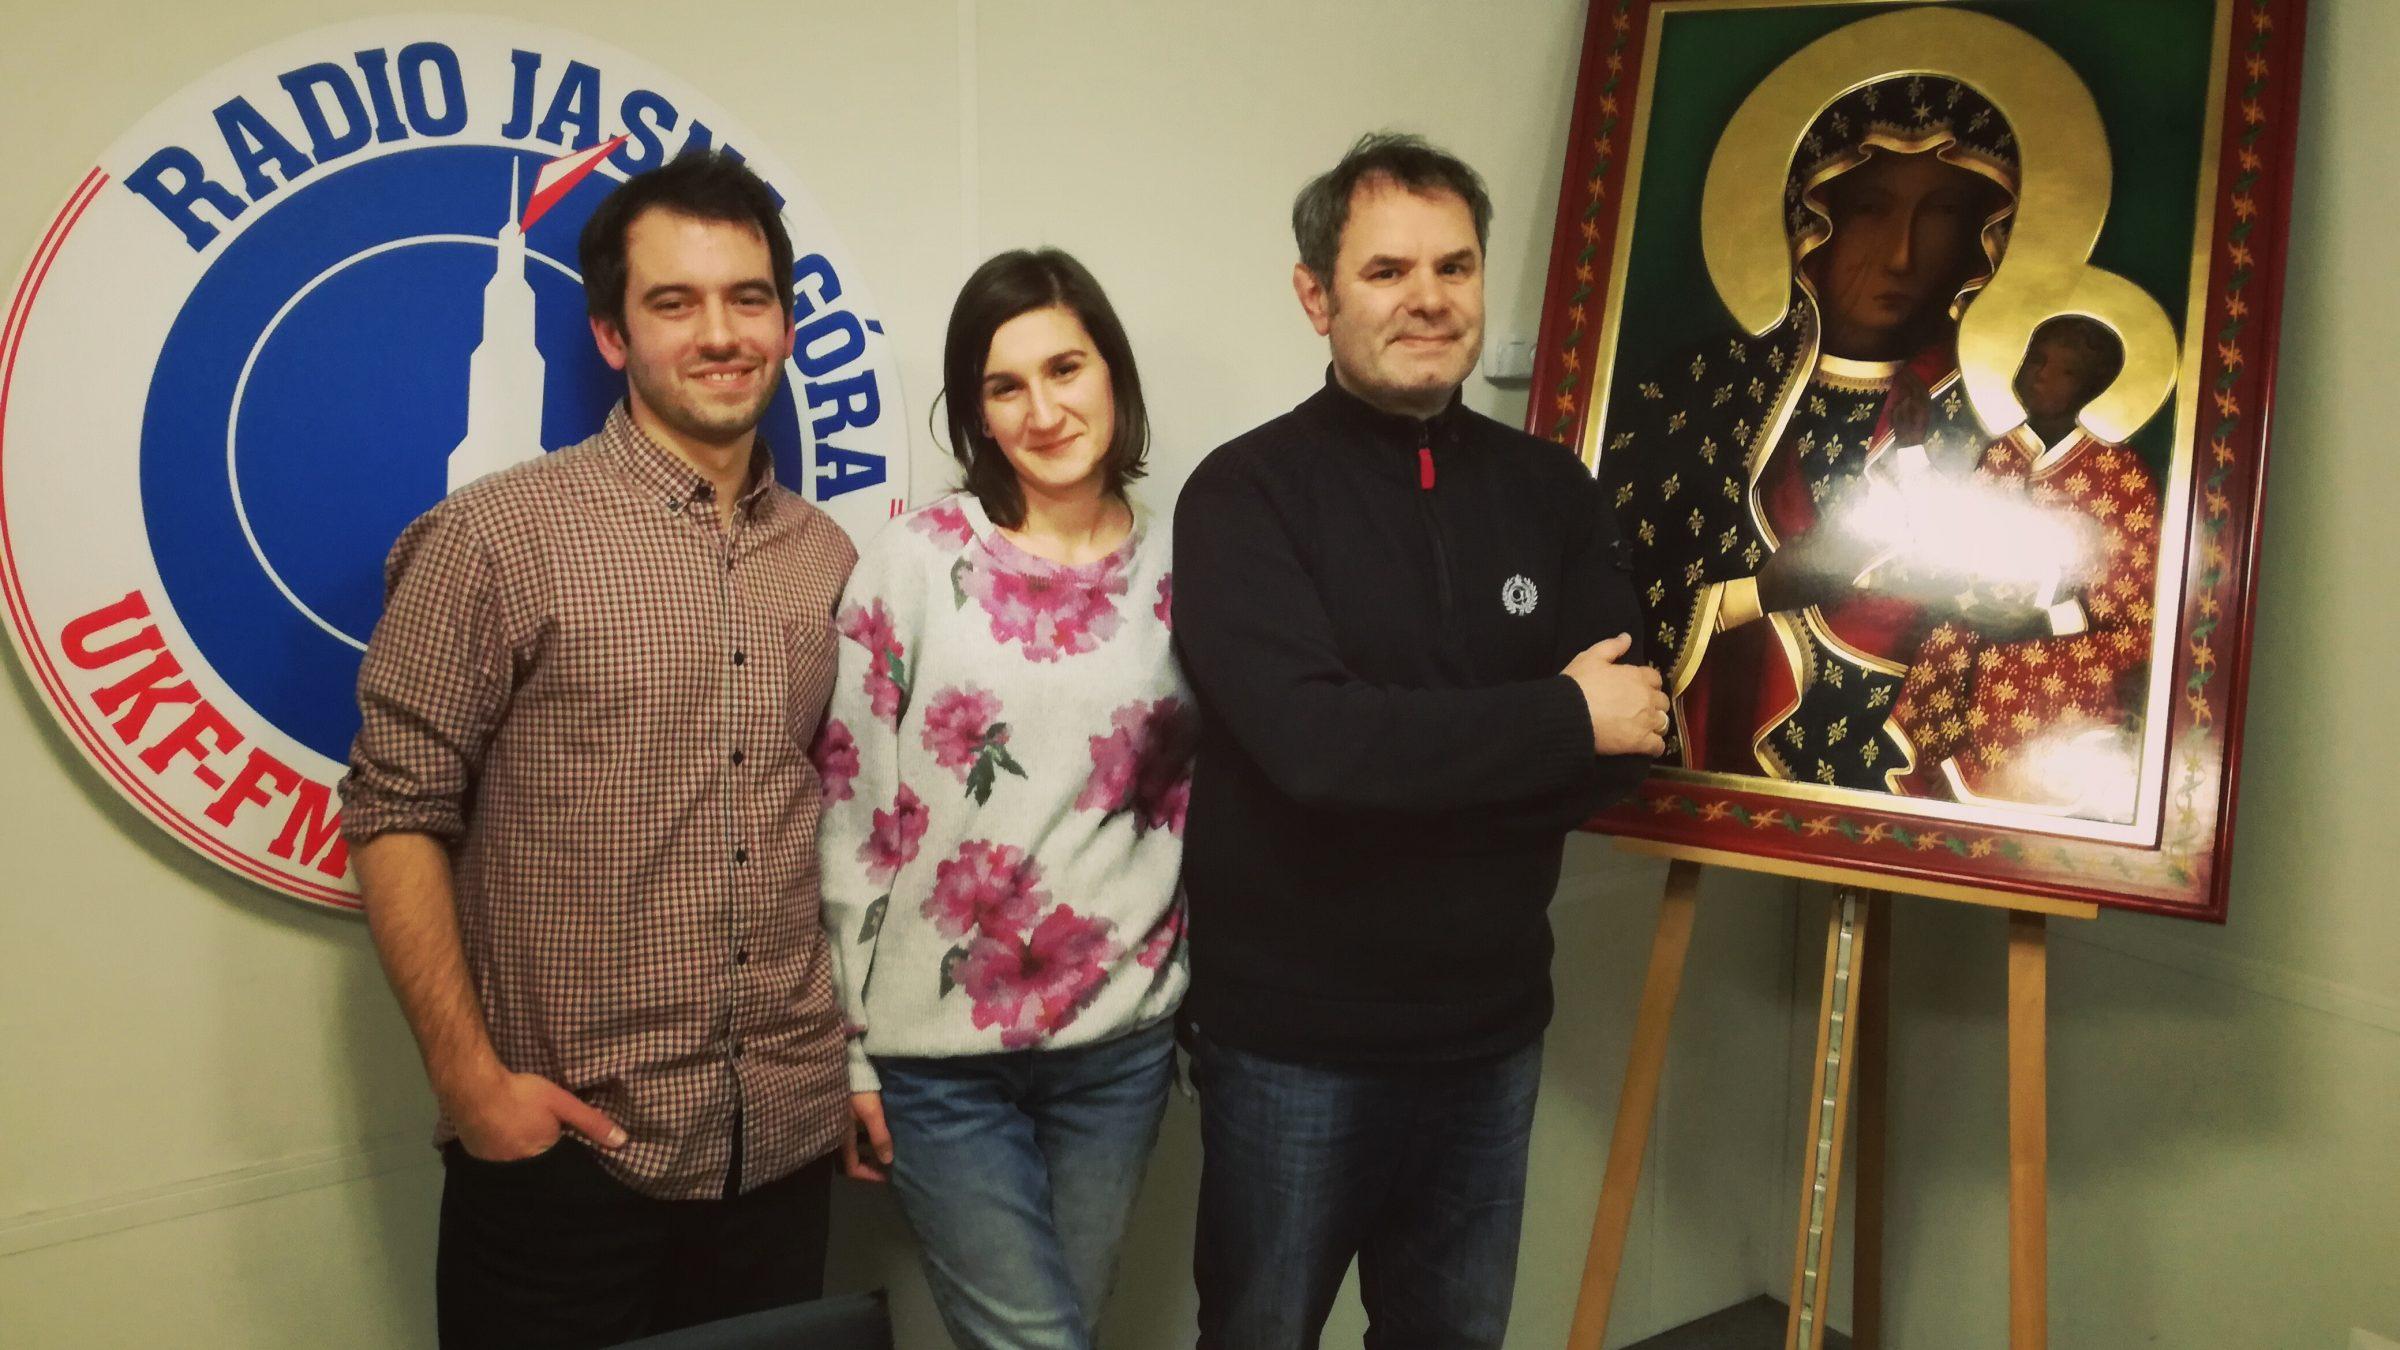 Gabriela Blacha - Muzyczne Dary - Radio Jasna Góra